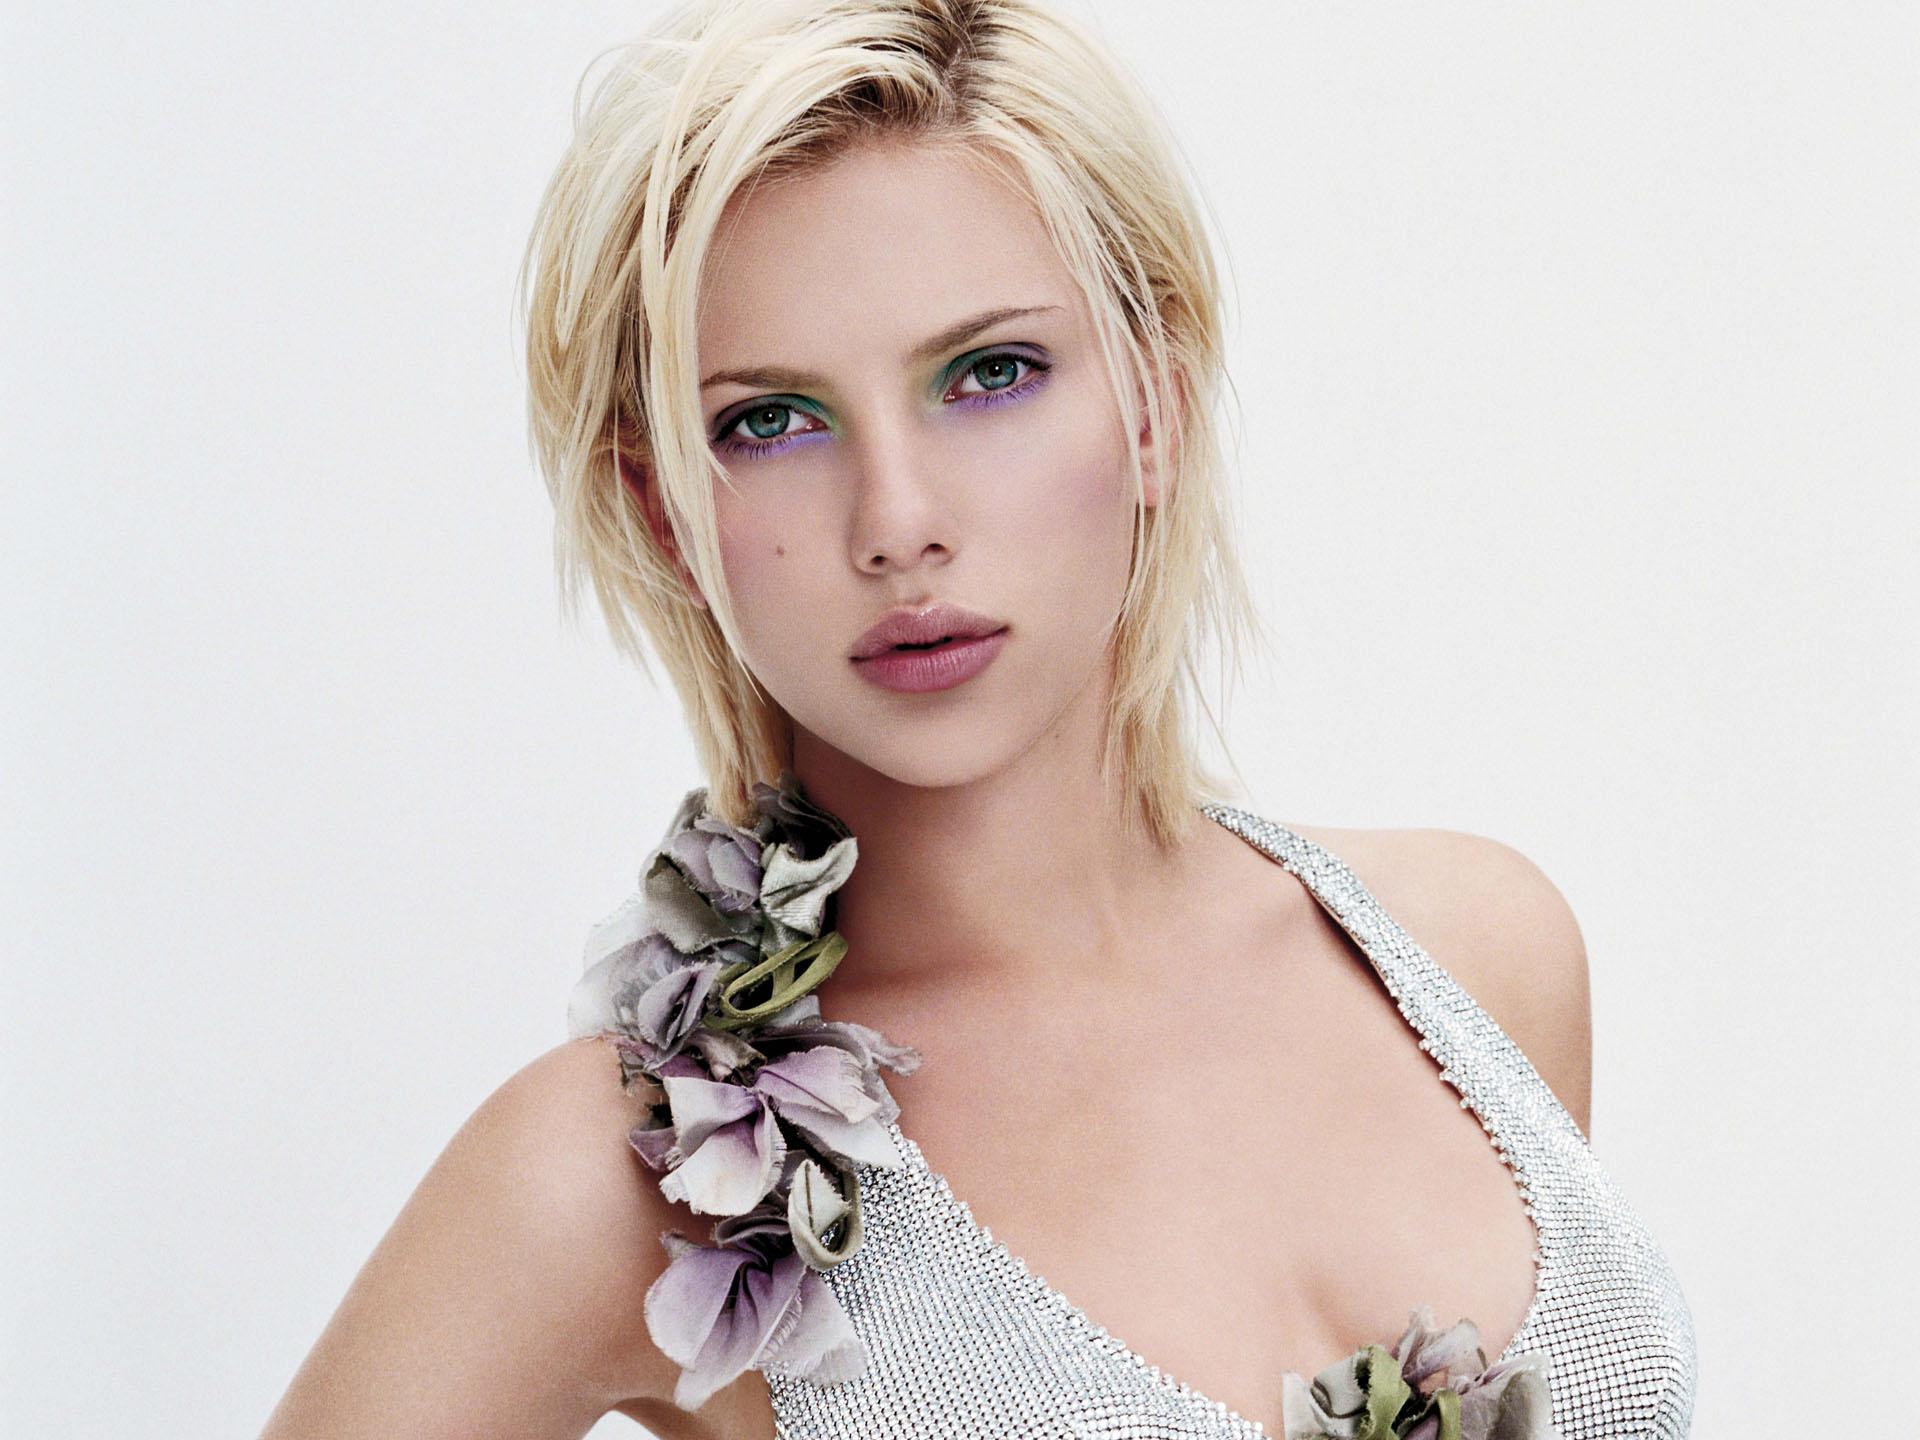 Scarlett johansson clipart widescreen